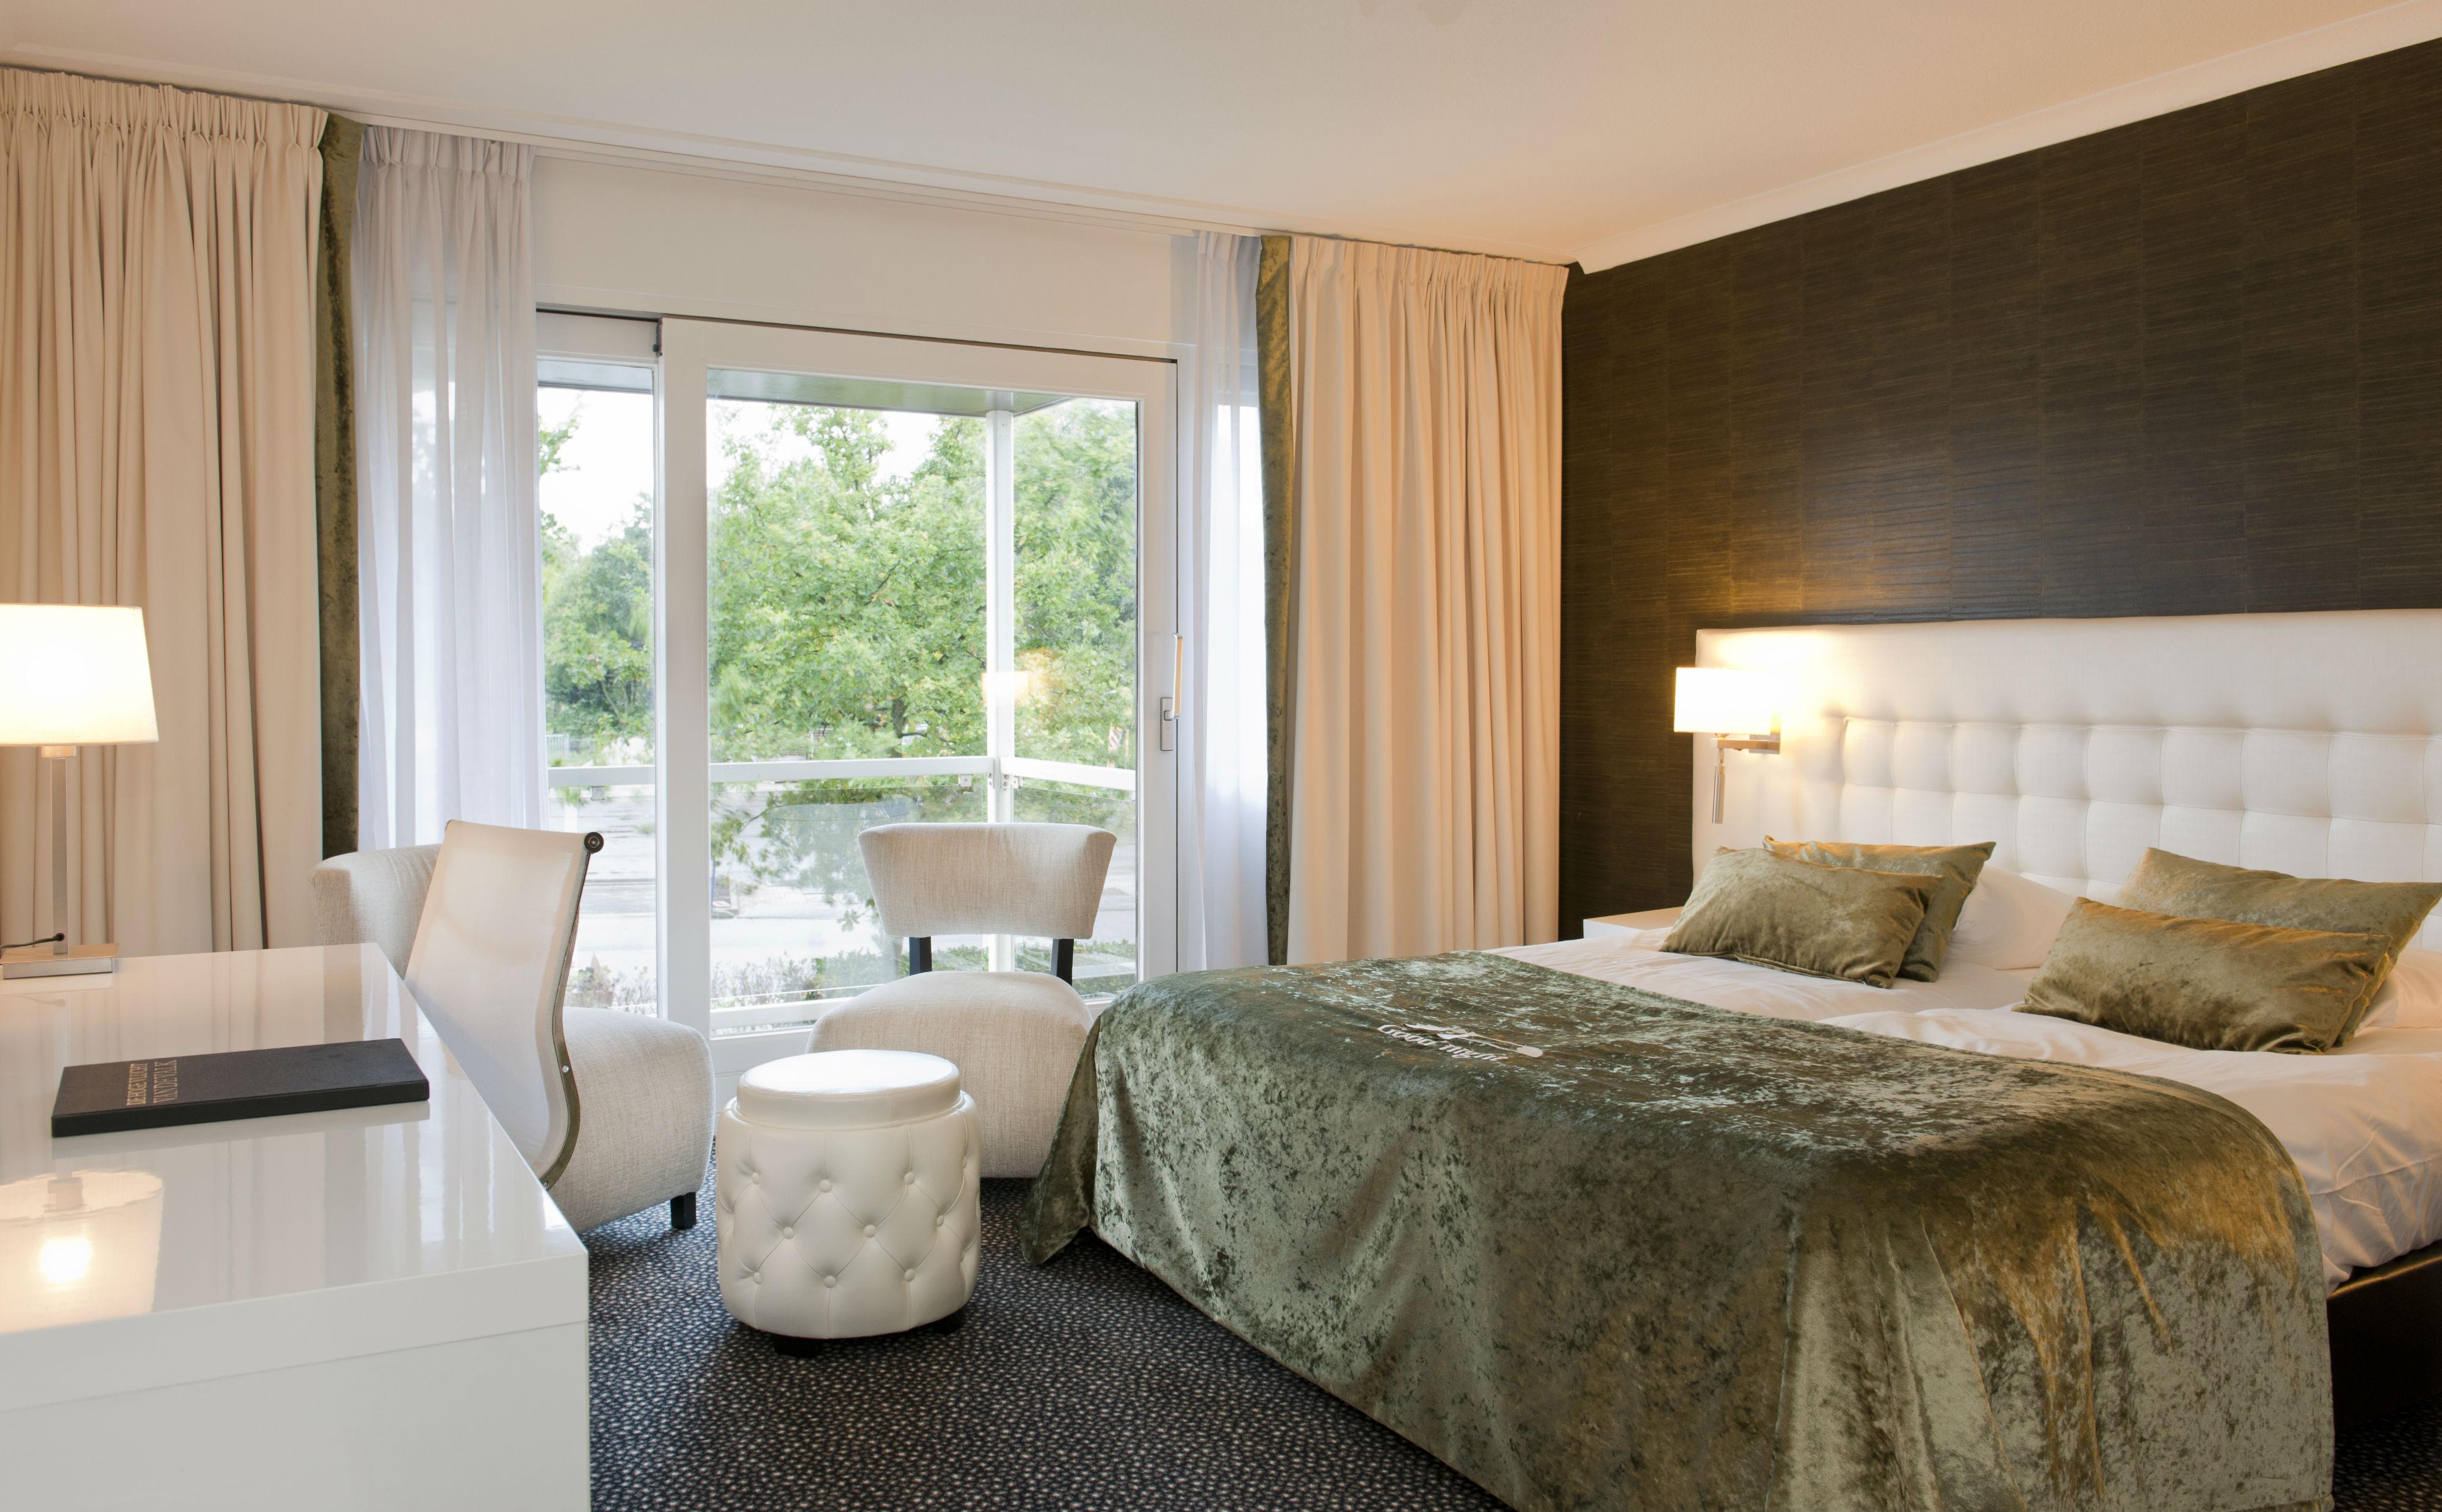 Comfort kamer met bad hotel de gouden leeuw - Kamer met bad ...